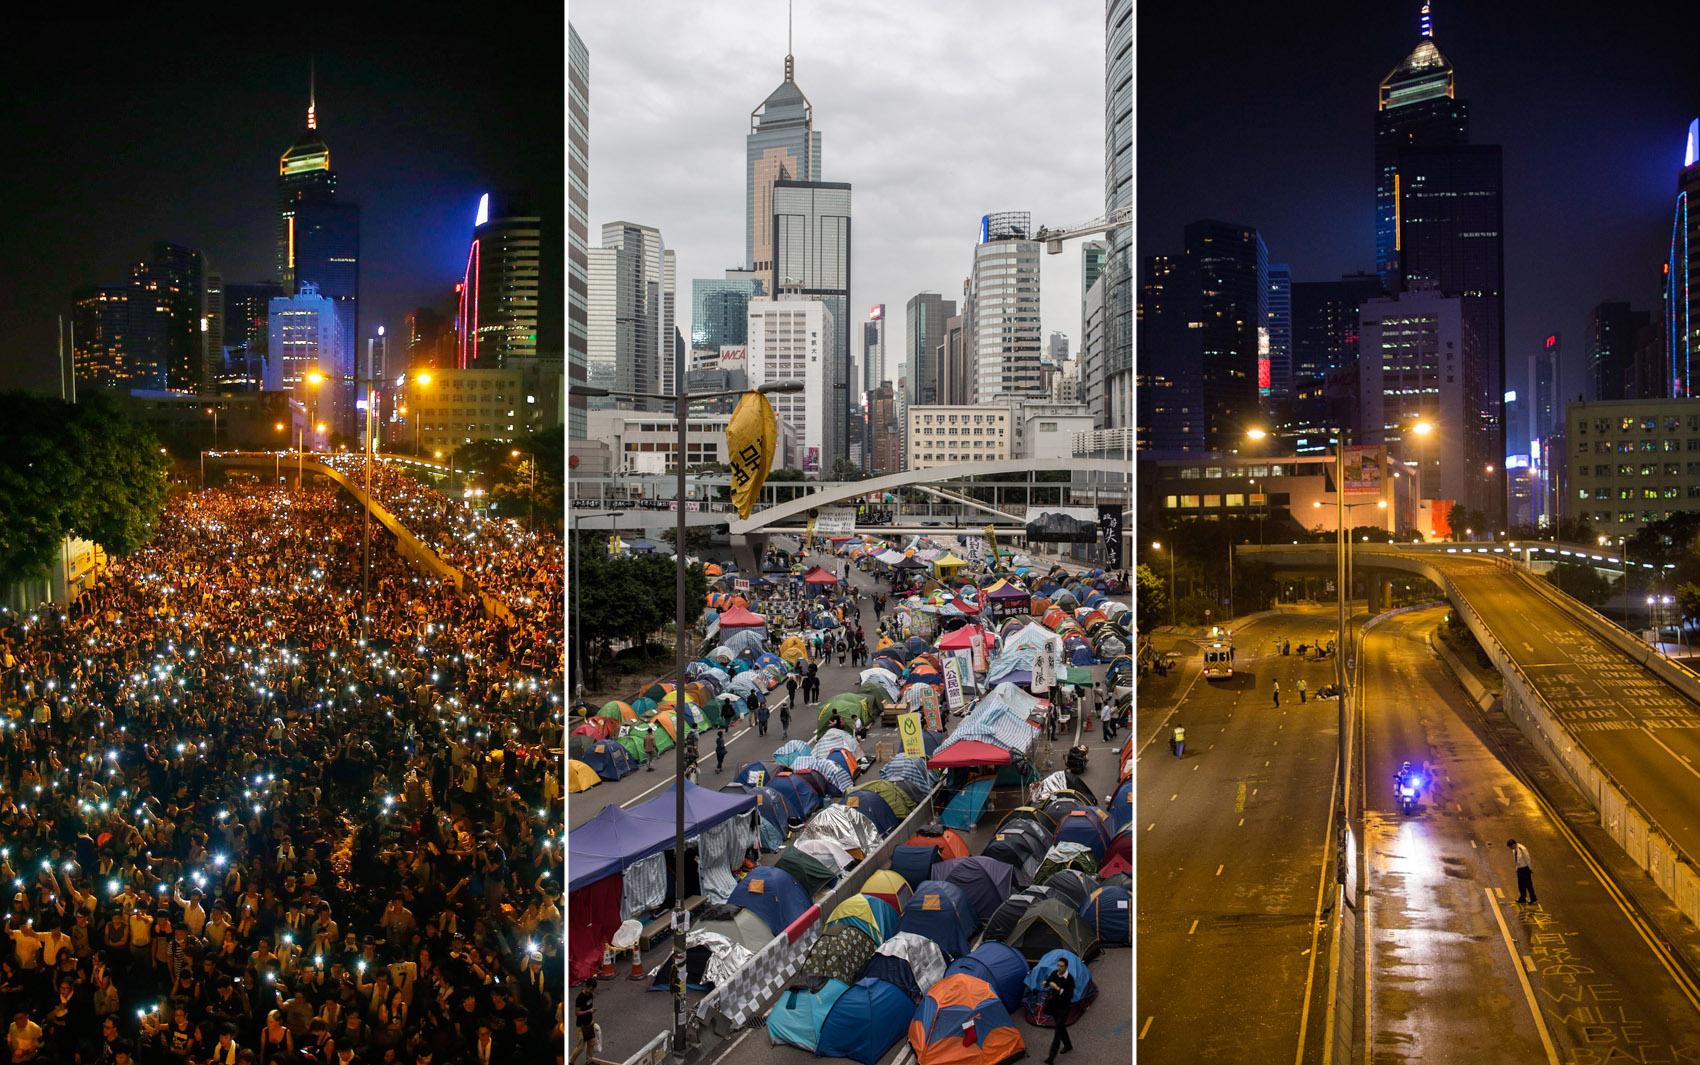 Combinação de fotos mostra avenida próxima à sede do governo de Hong Kong tomada por manifestantes pró-democracia no início do movimento em 29/09, ocupada em 01/12 e vazia após ação policial para retirada dos manifestantes em 11 de dezembro